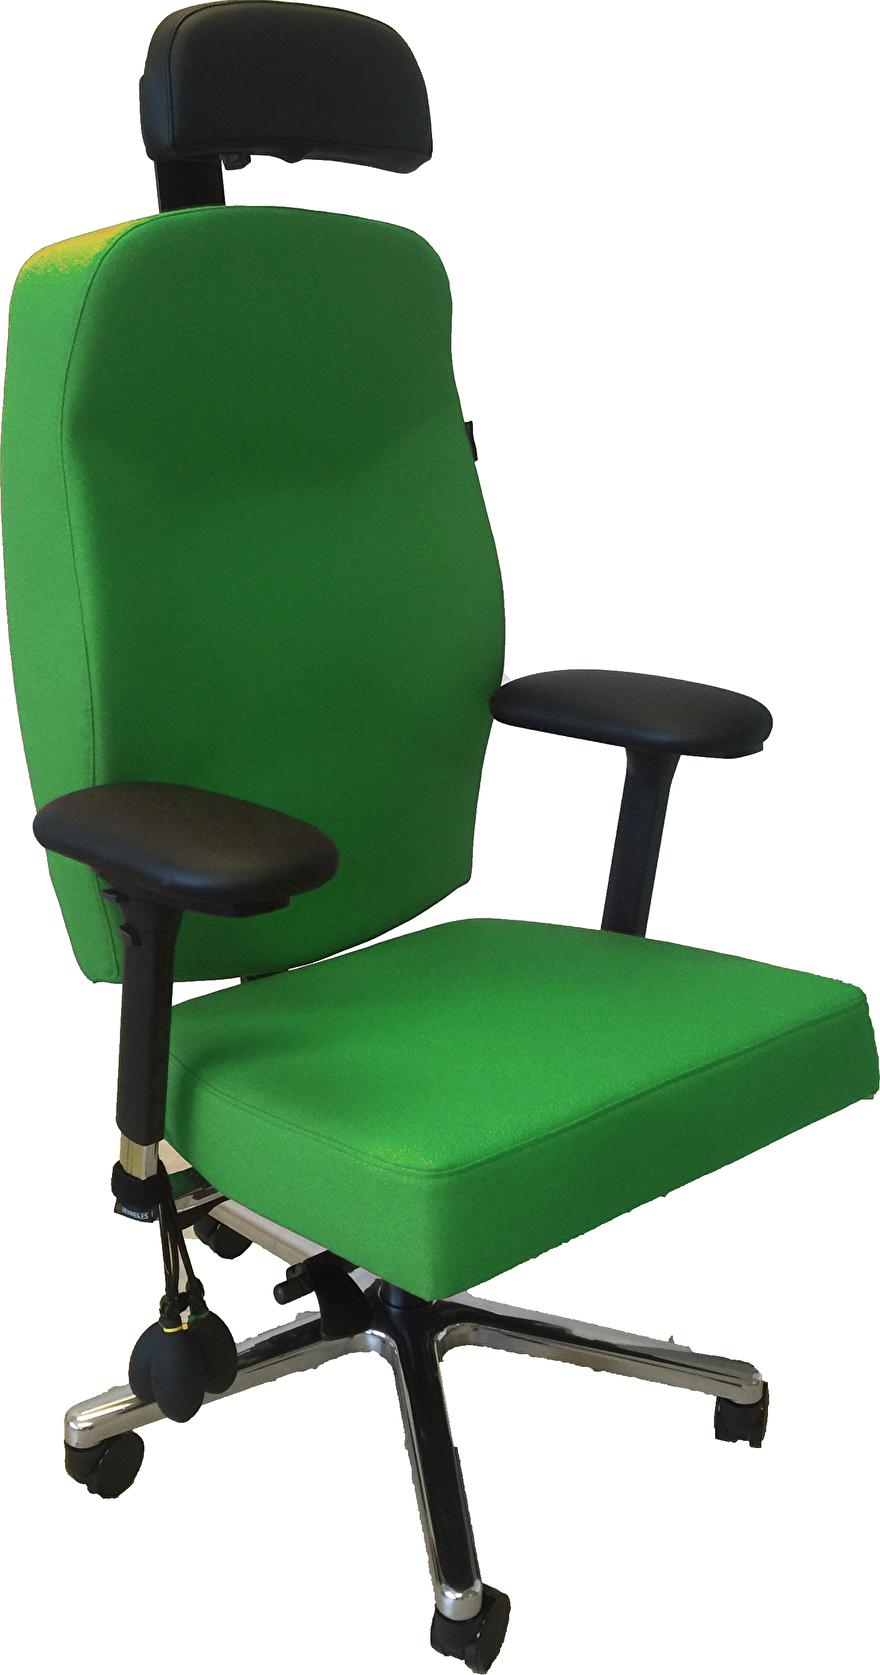 Ergonomische Bureaustoel Hernia.Prijsindicatie Aangepaste Stoelen Hennekes 0182 554704